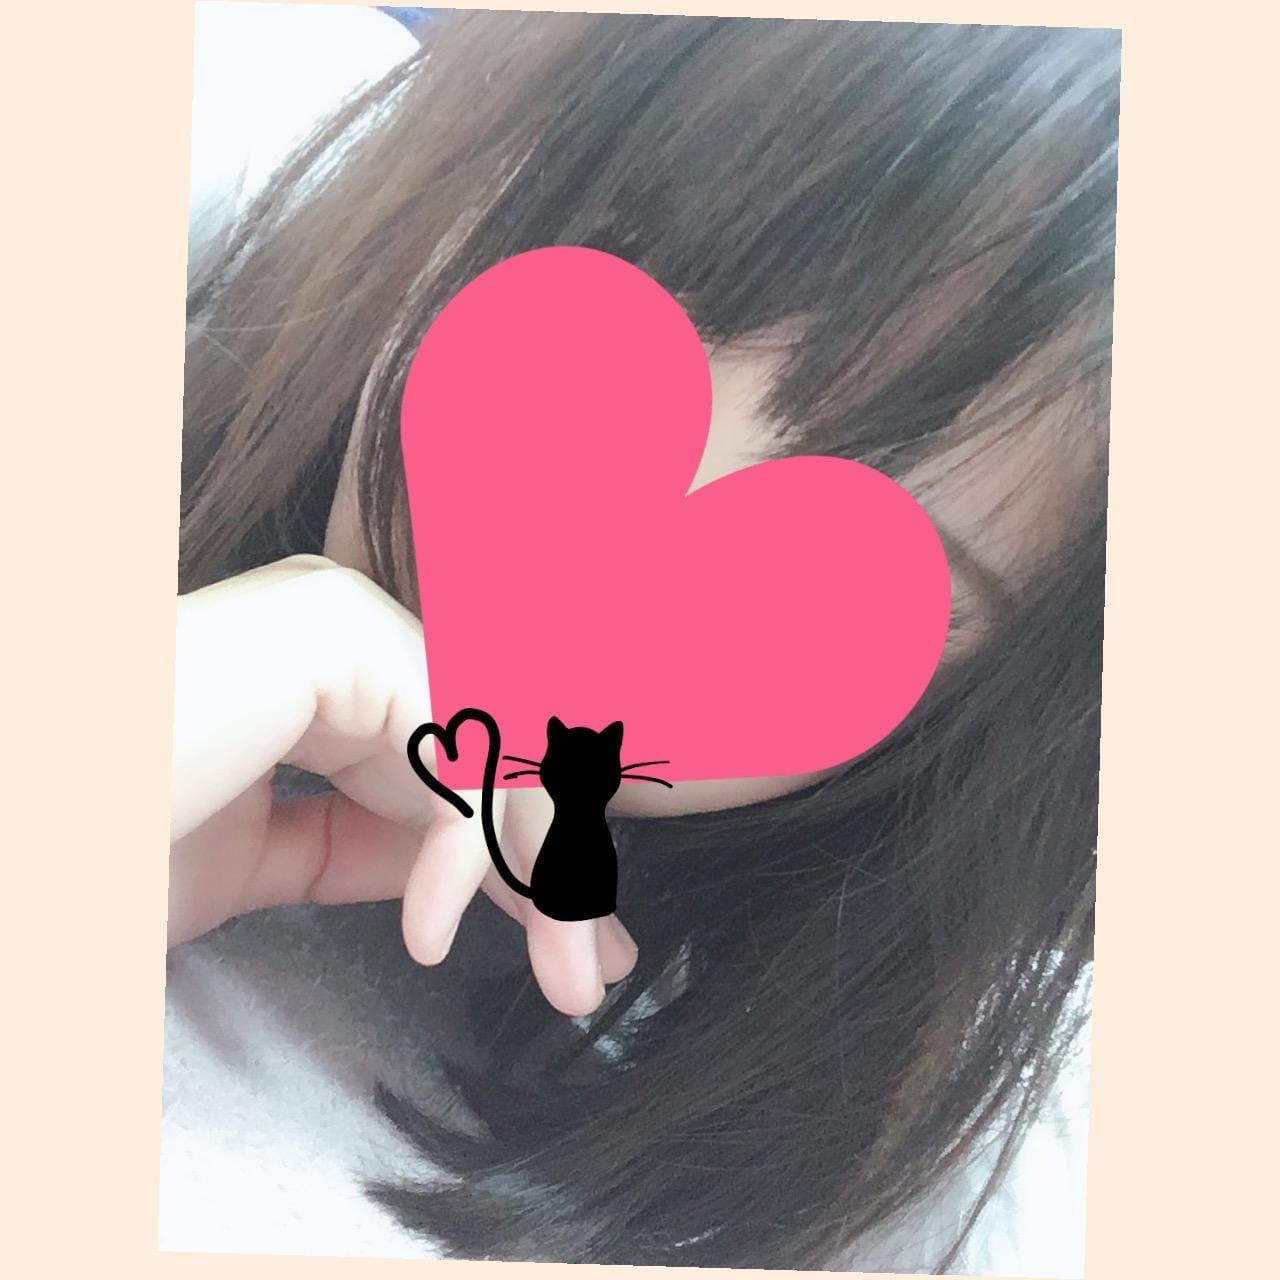 「かな」10/15(10/15) 23:04 | かなの写メ・風俗動画